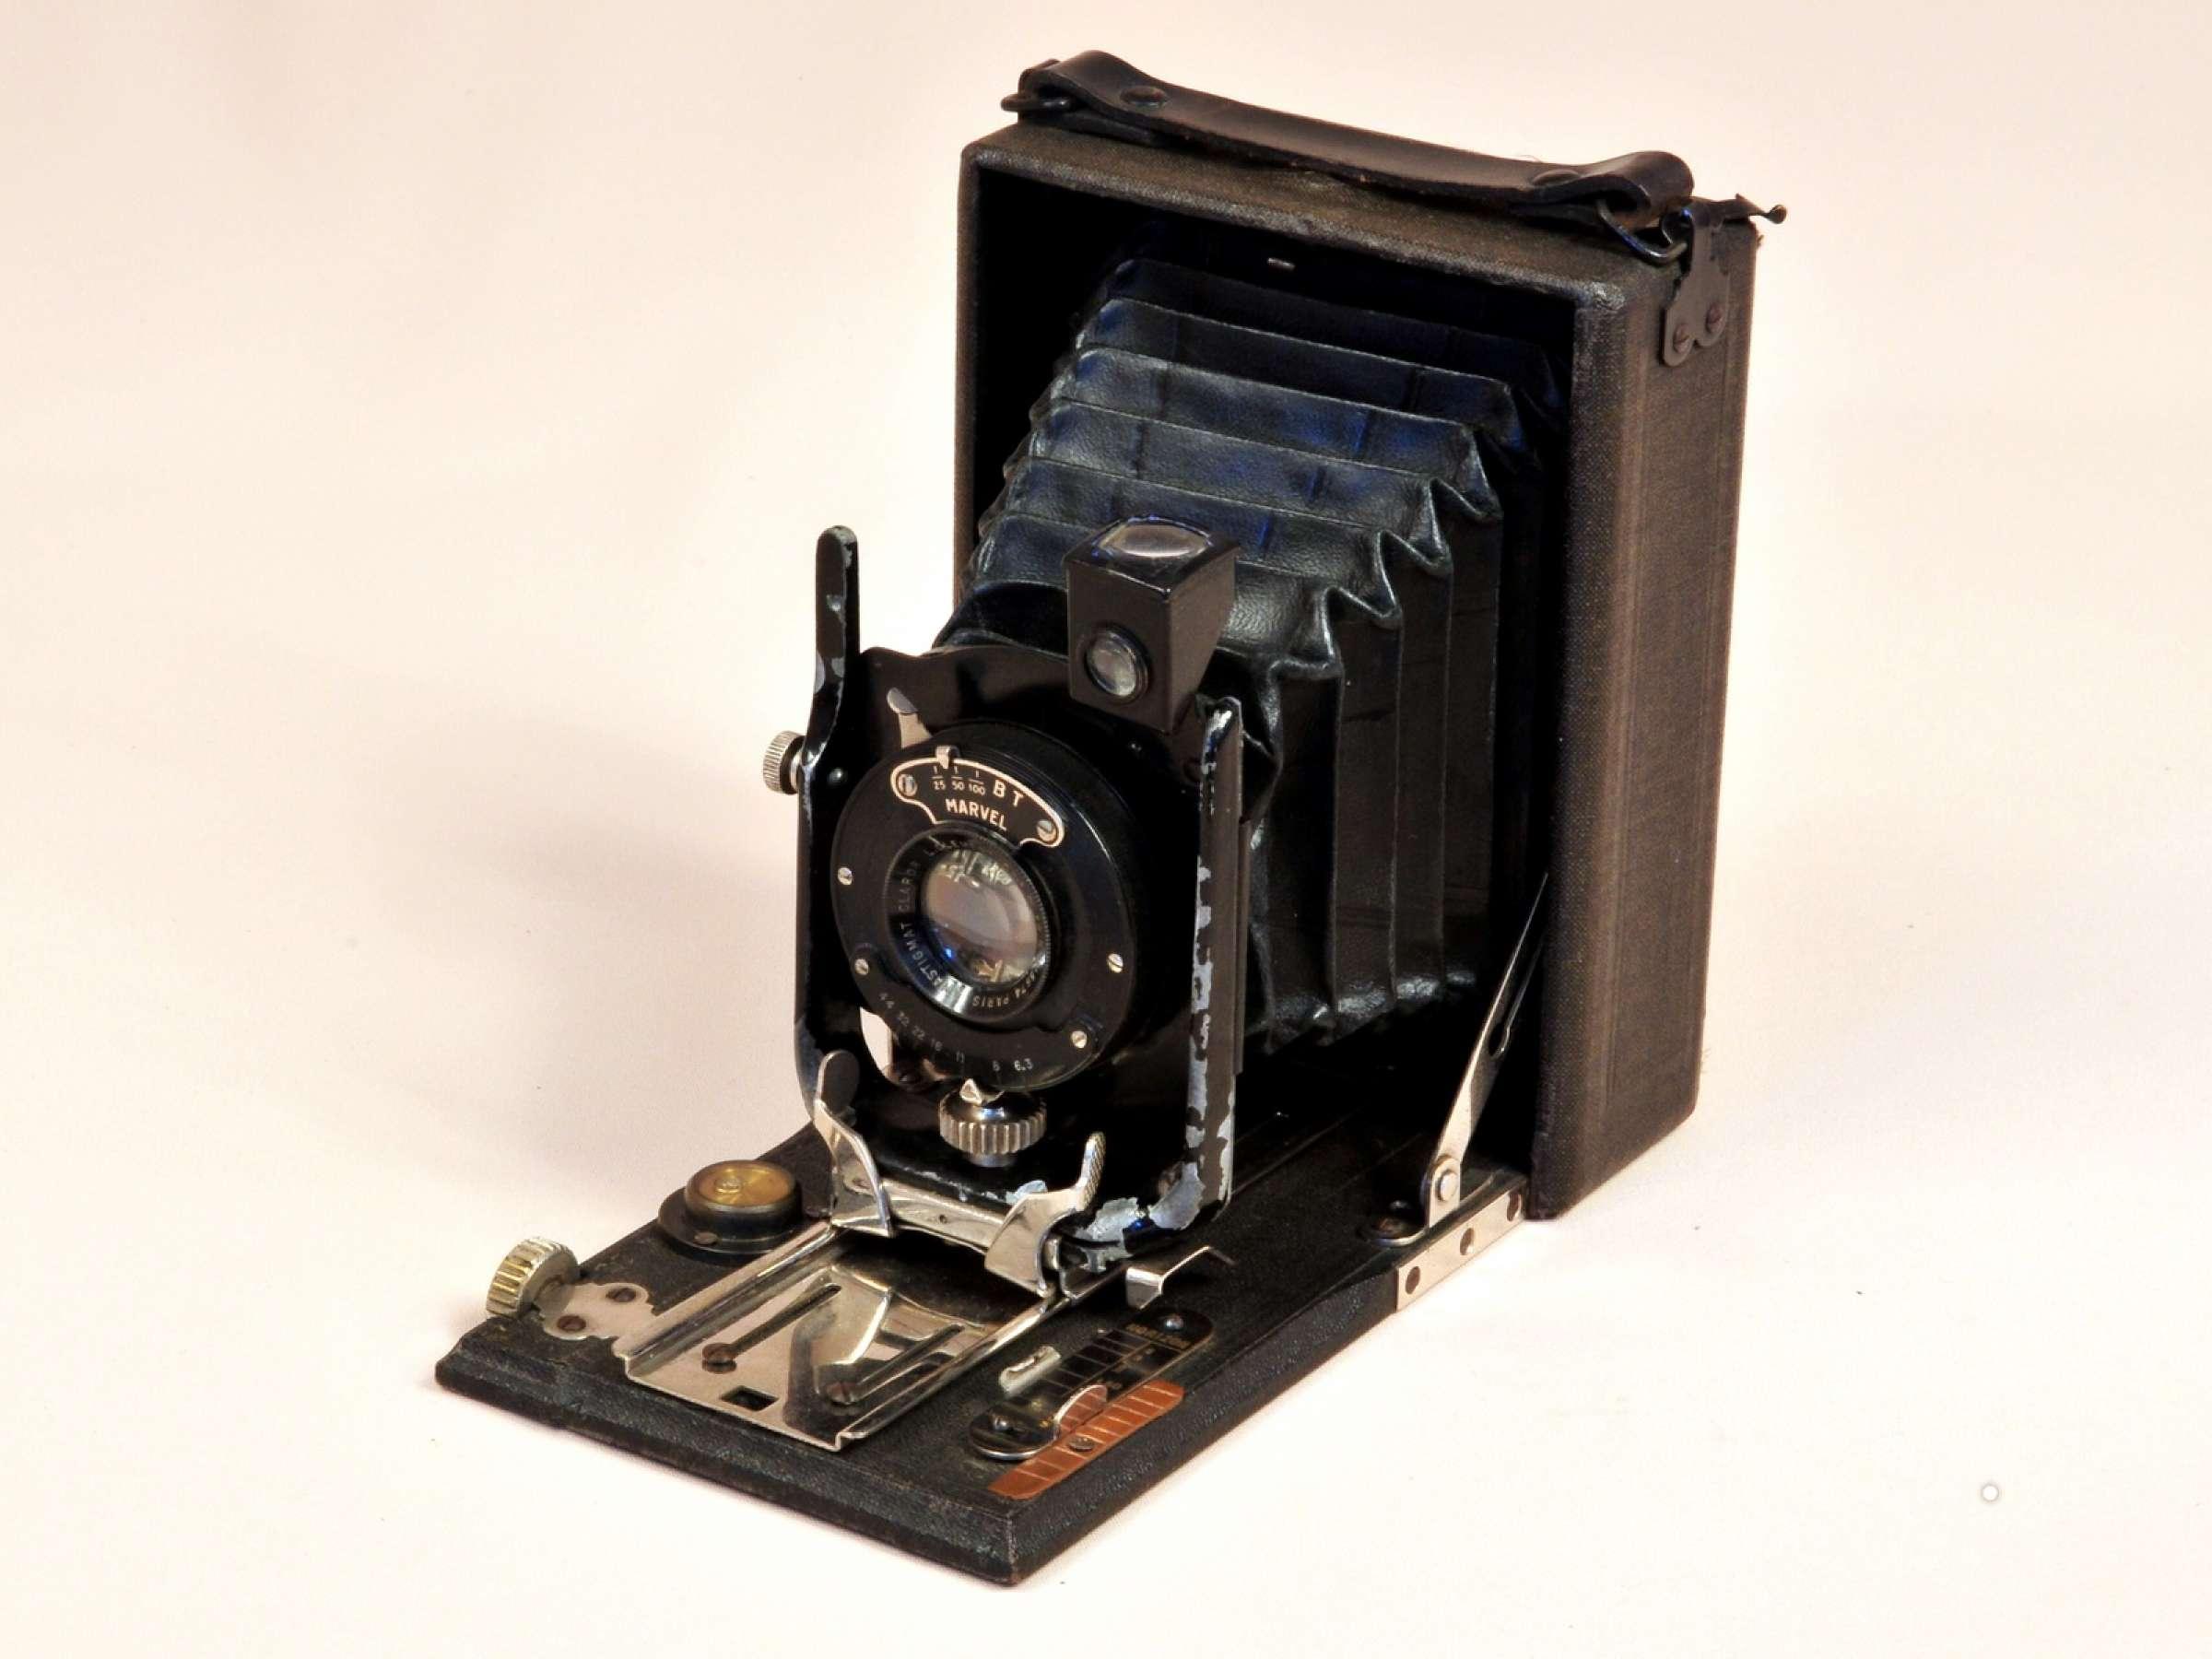 дорогой старый фотоаппарат считается